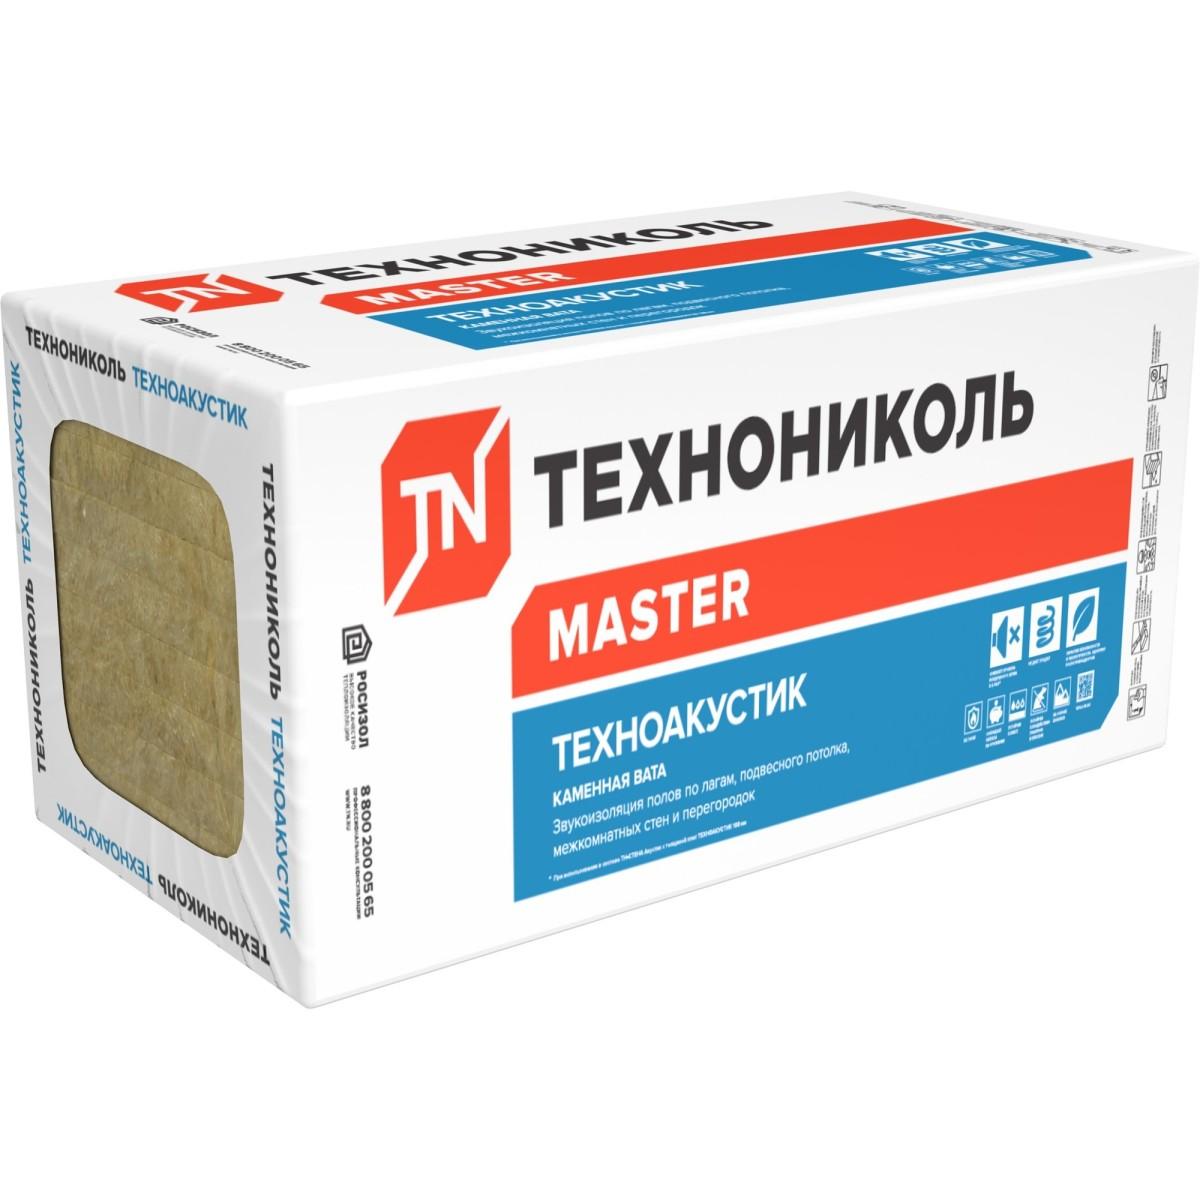 Каменная вата ТЕХНОАКУСТИК 50 мм 576 м2